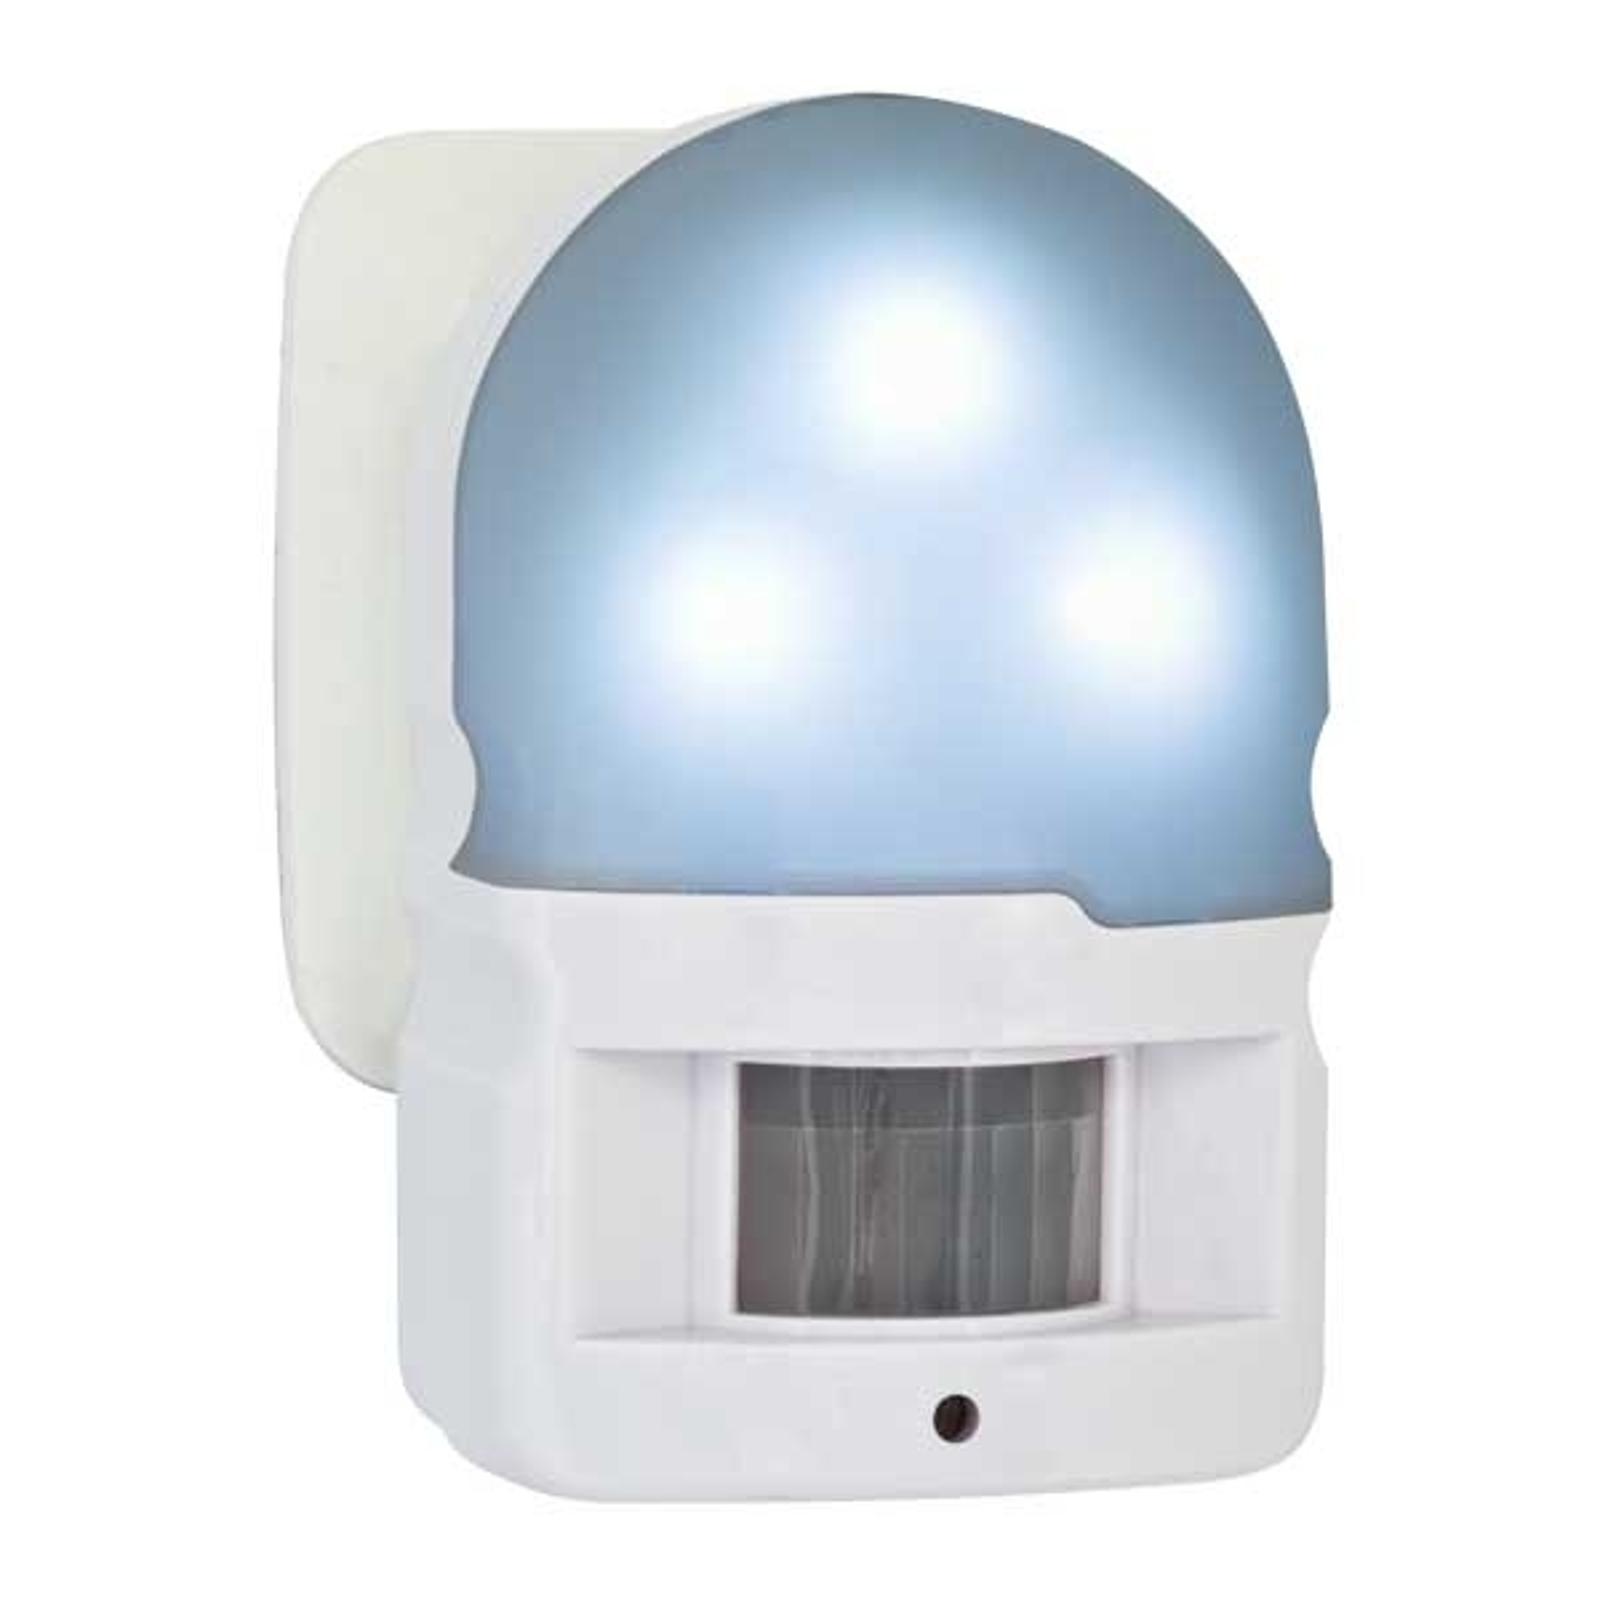 LED-Nachtlicht VERA mit Bewegungsmelder